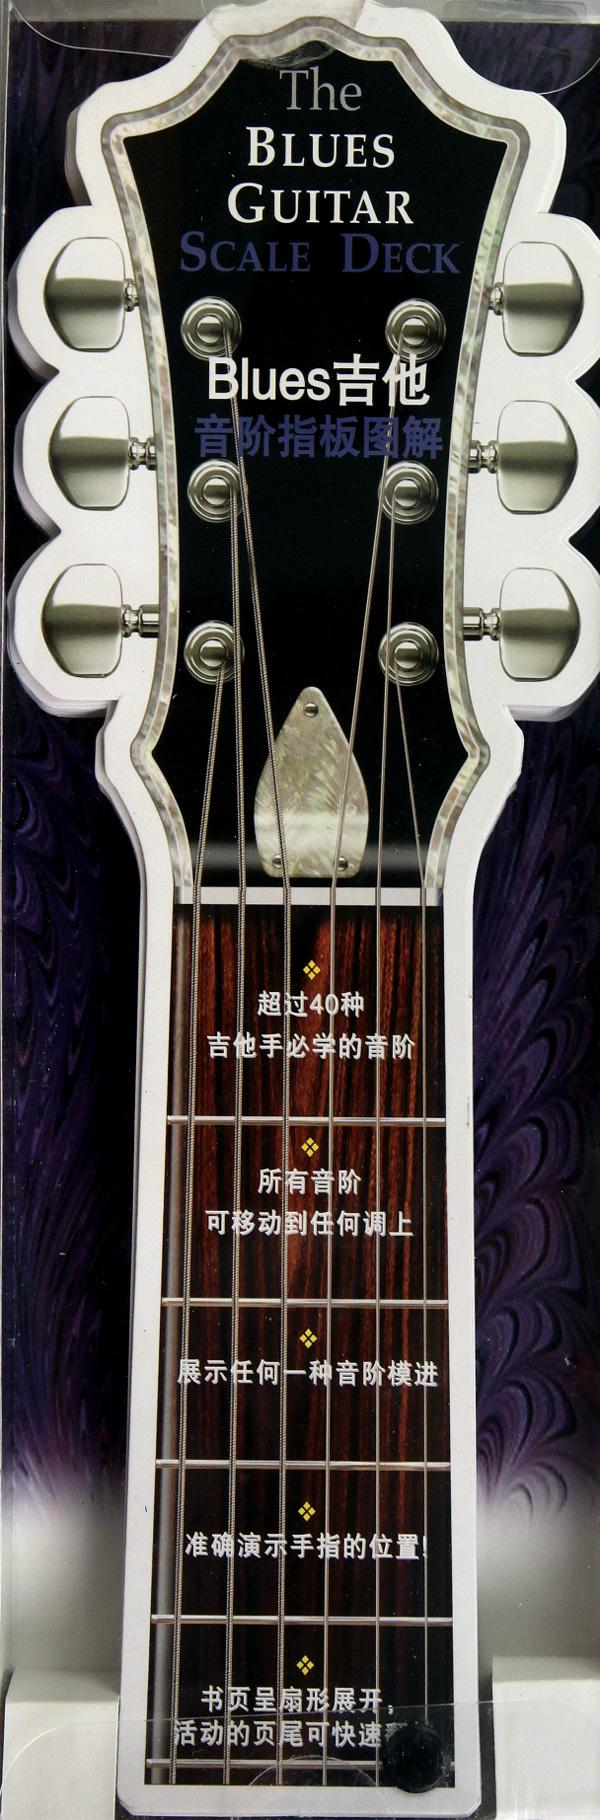 blues吉他音阶指板图解